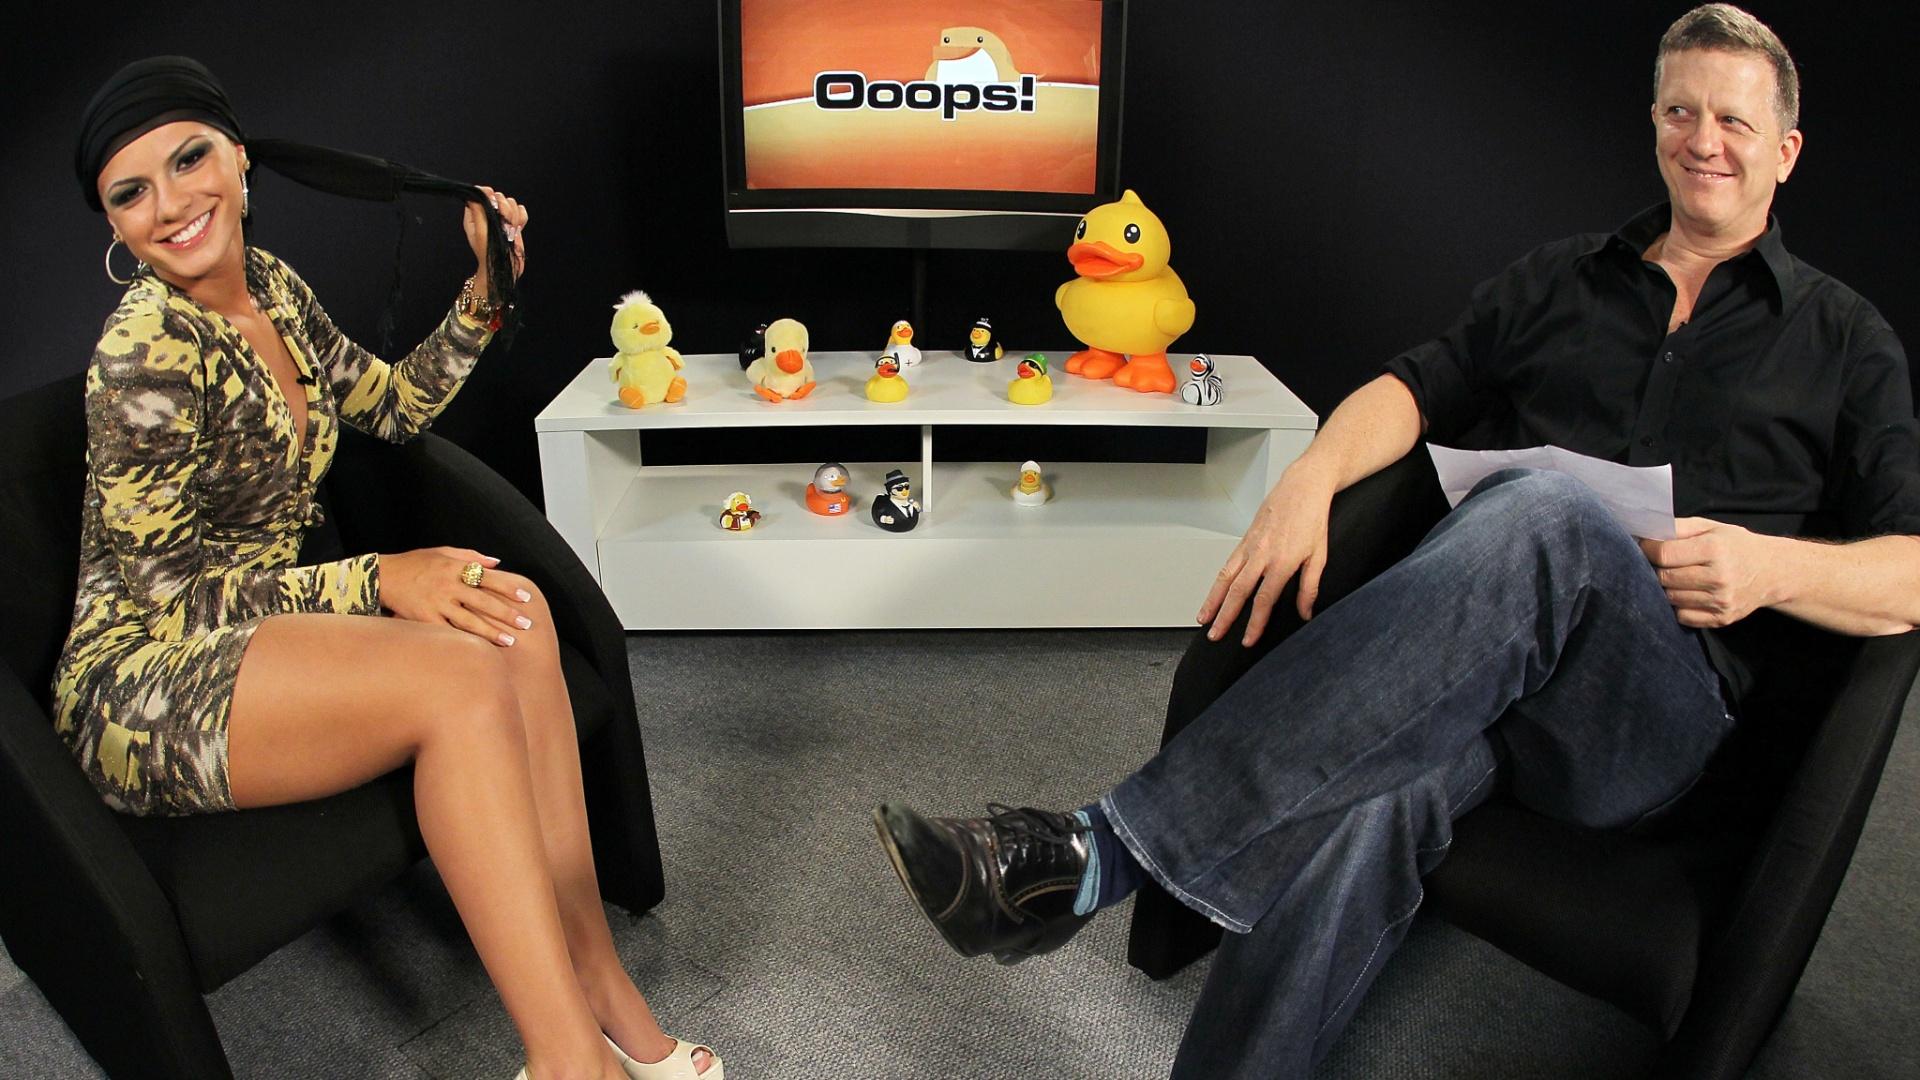 Babi Rossi, 21, participa de exclusiva do Programa Ooops!, no UOL